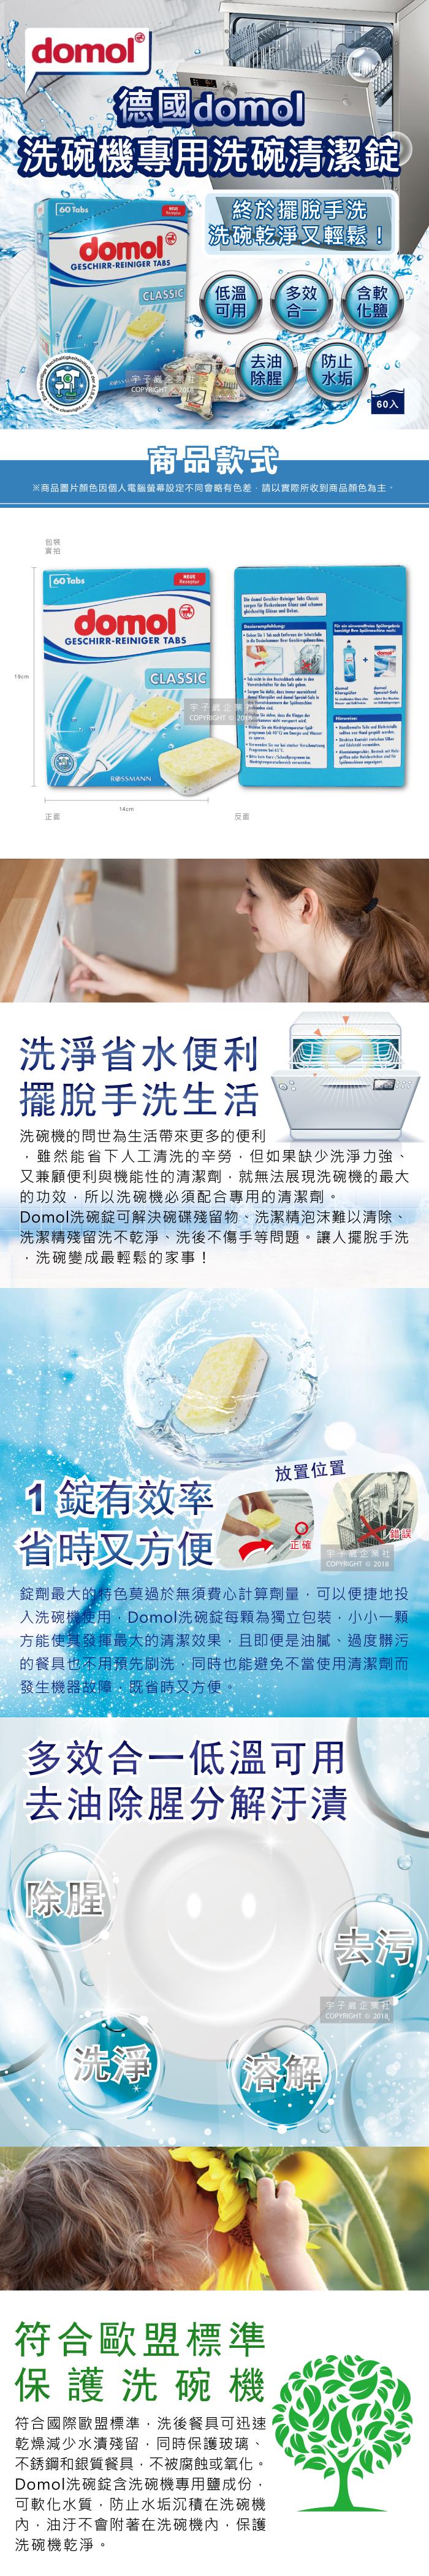 德國Domol洗碗機專用洗碗清潔錠介紹圖